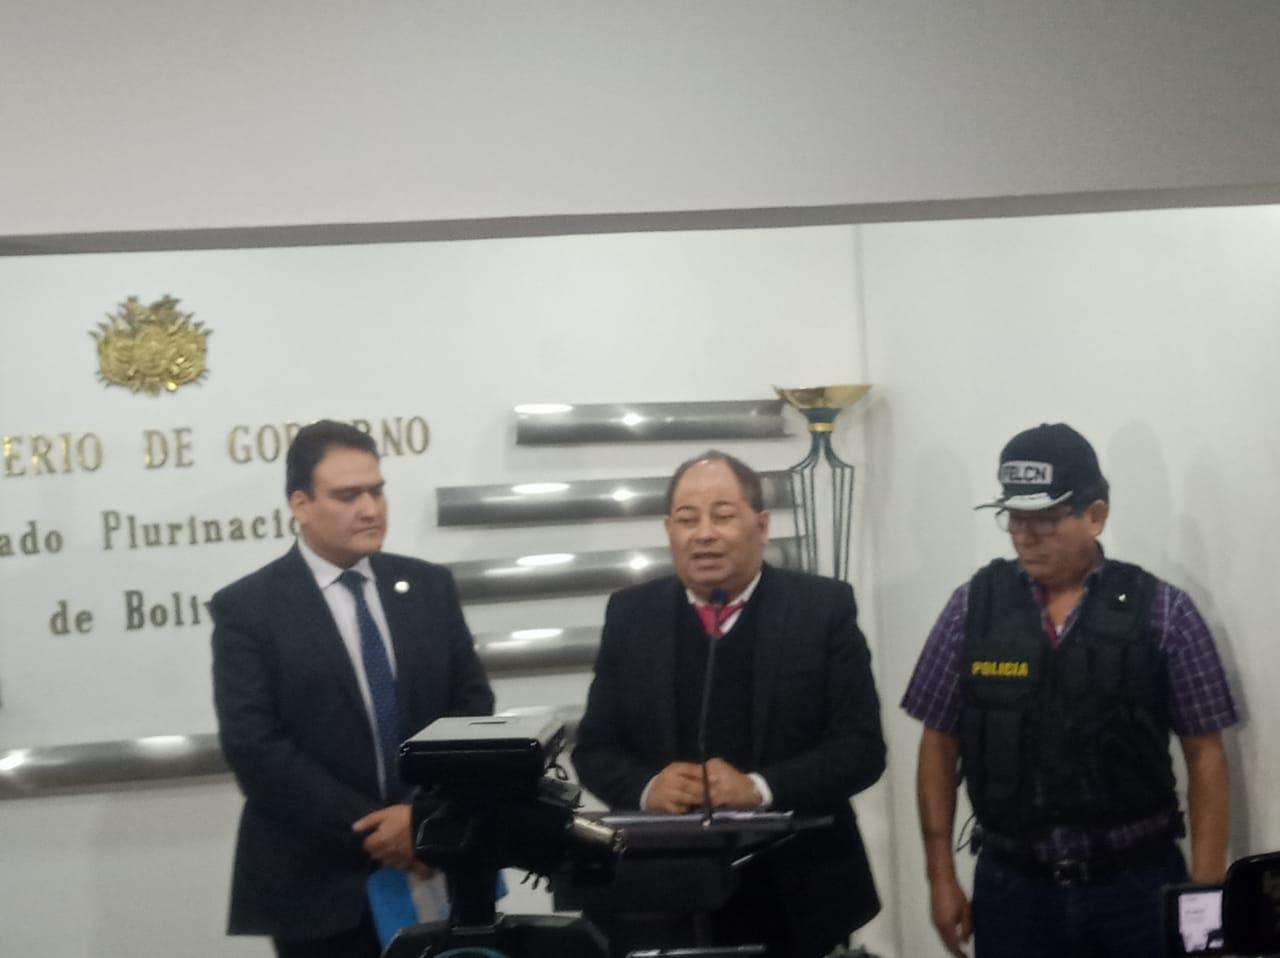 FELCN en coordinación con ONUDD secuestran 679 kilos de cocaína en Bélgica